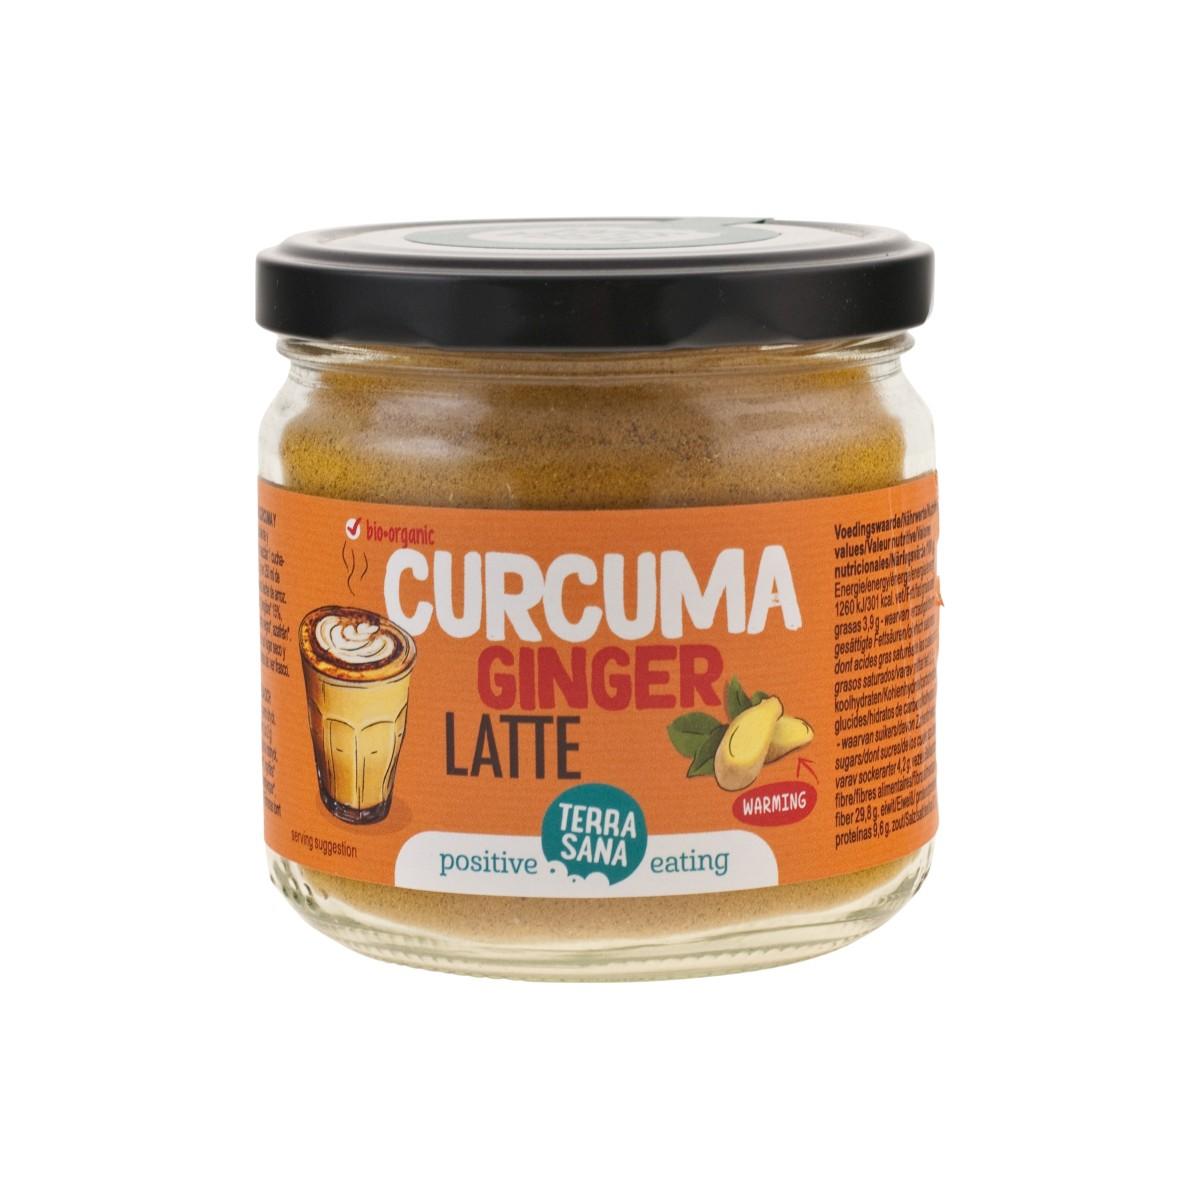 Curcuma Ginger Latte